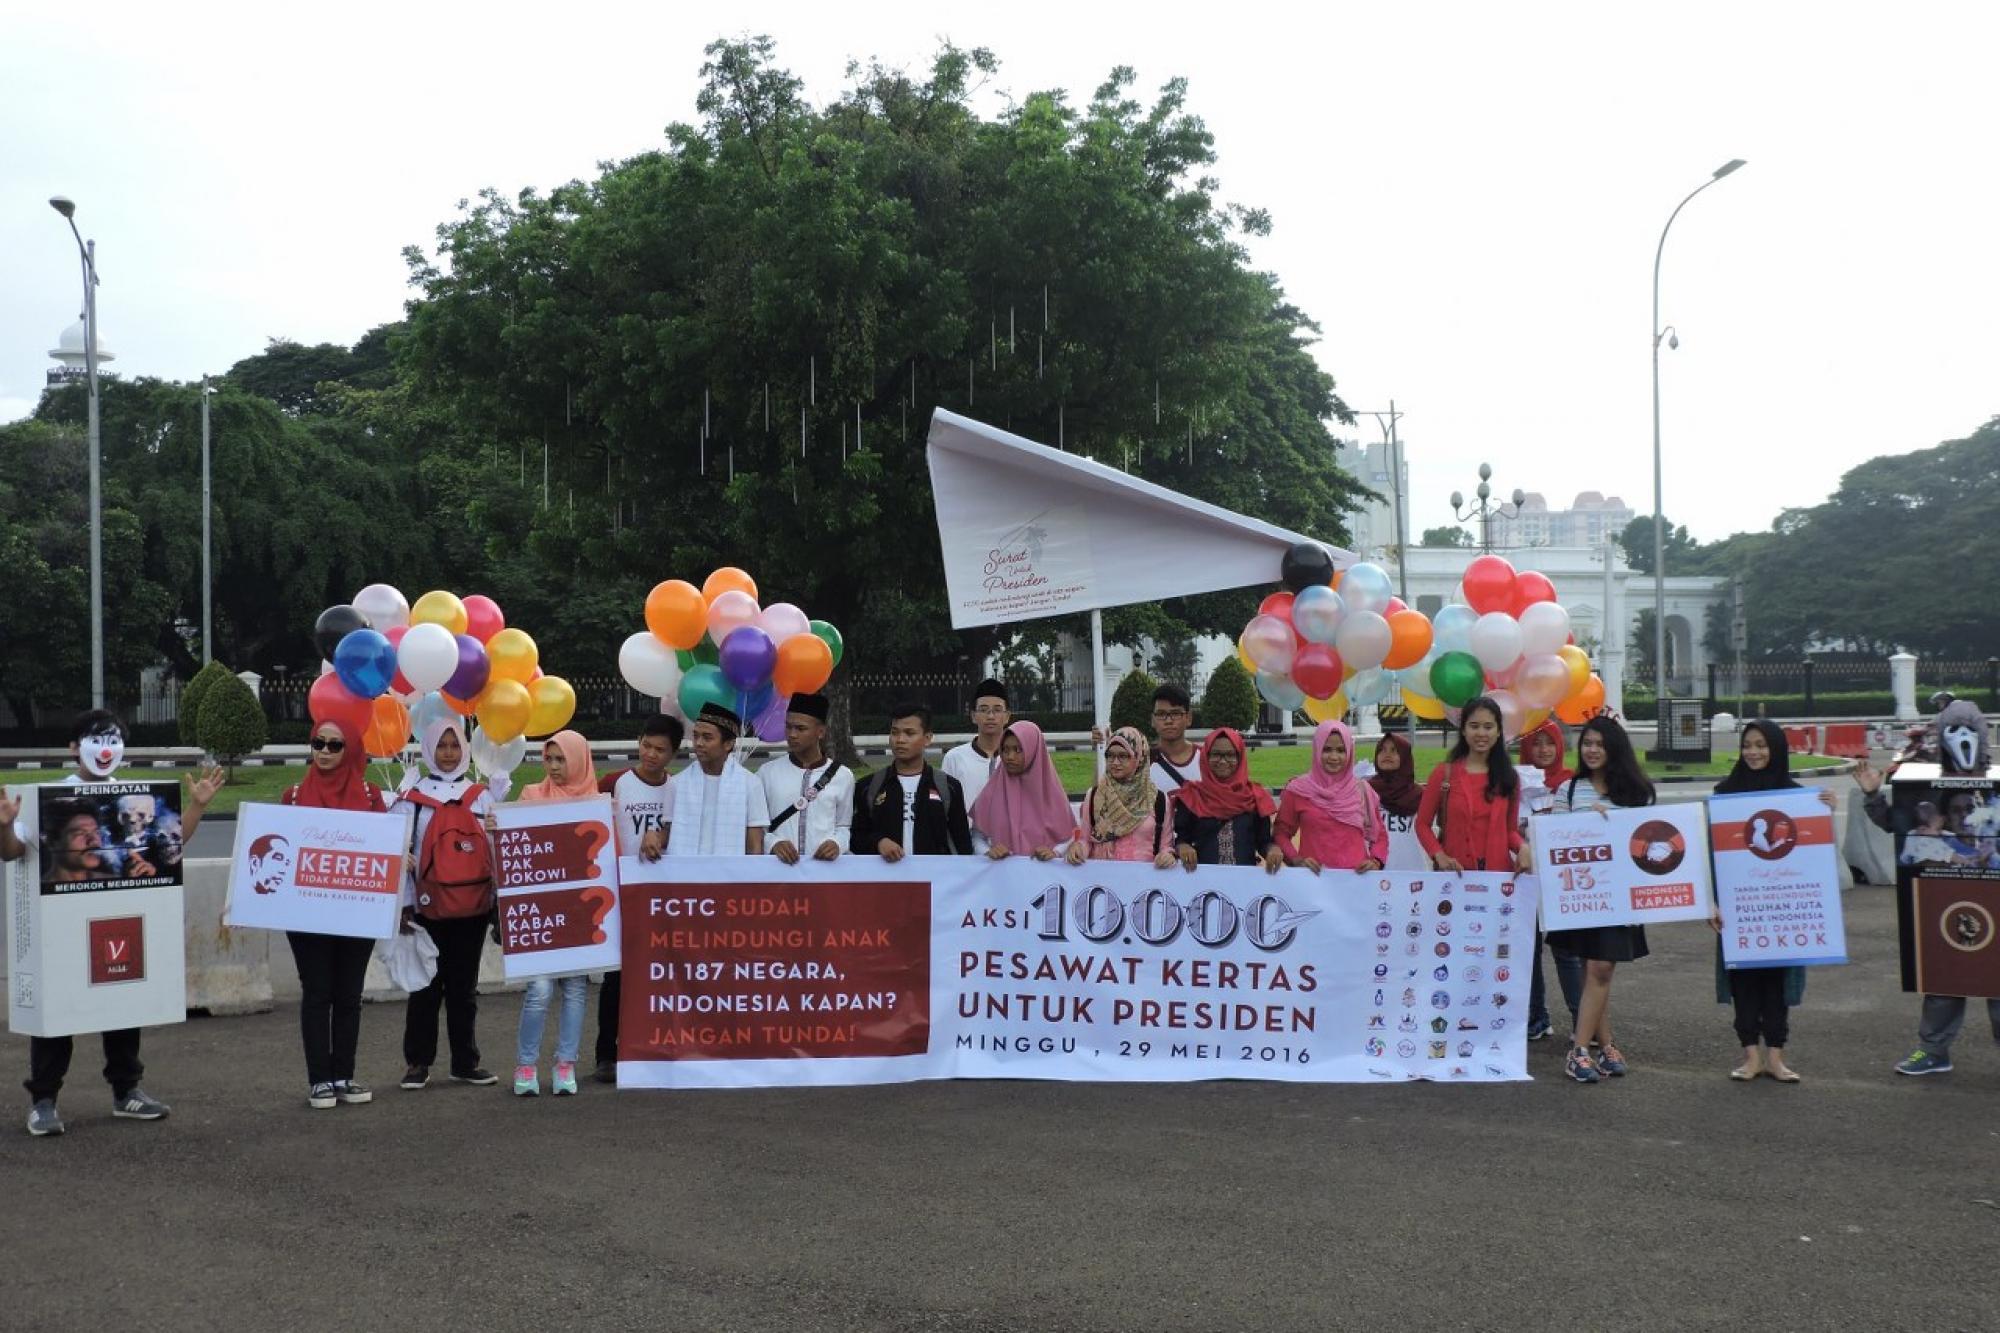 Aksi 10.000 Pesawat Kertas untuk Presiden